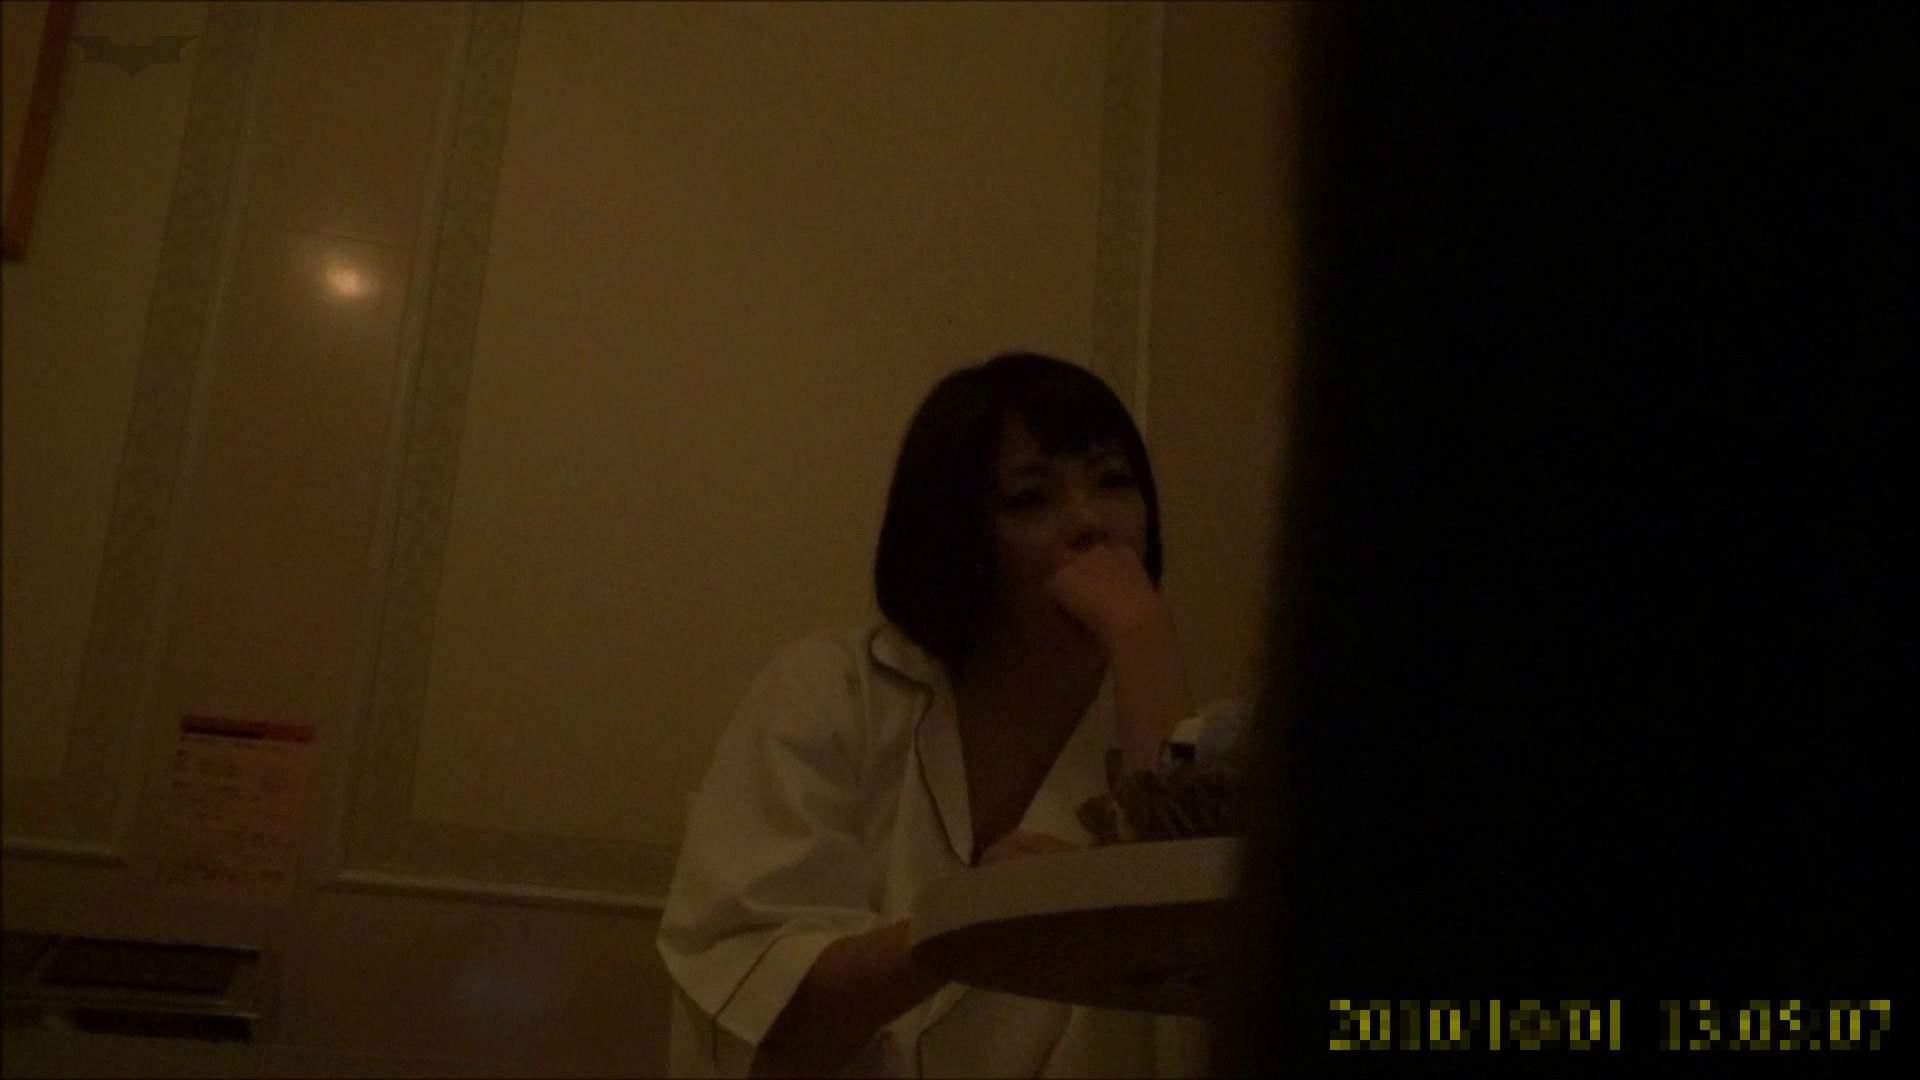 【未公開】vol.96 {茶髪→黒髪ギャル}美巨乳アミちゃん③【前編】 トイレ中   ホテル  96連発 22